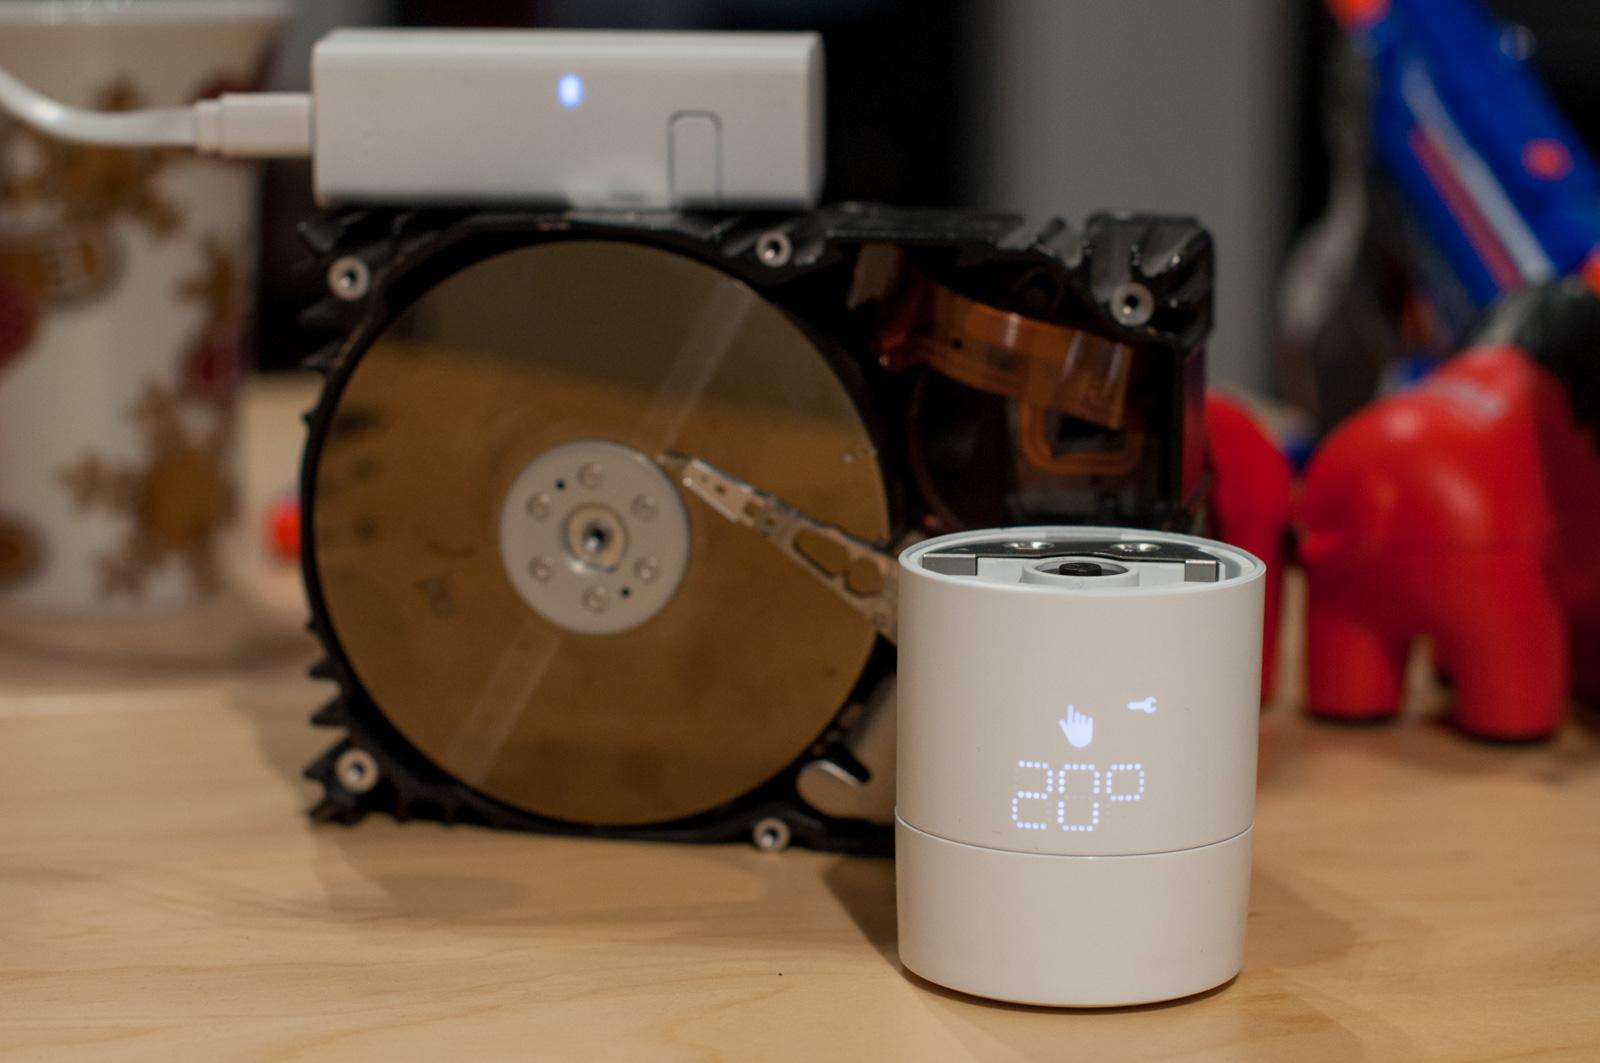 Tado im Test: Heizkörperthermostate mit effizientem Stalker-Modus - Ein kurzer Dreh und das Thermostat zeigt Informationen. (Foto: Andreas Sebayang/Golem.de)